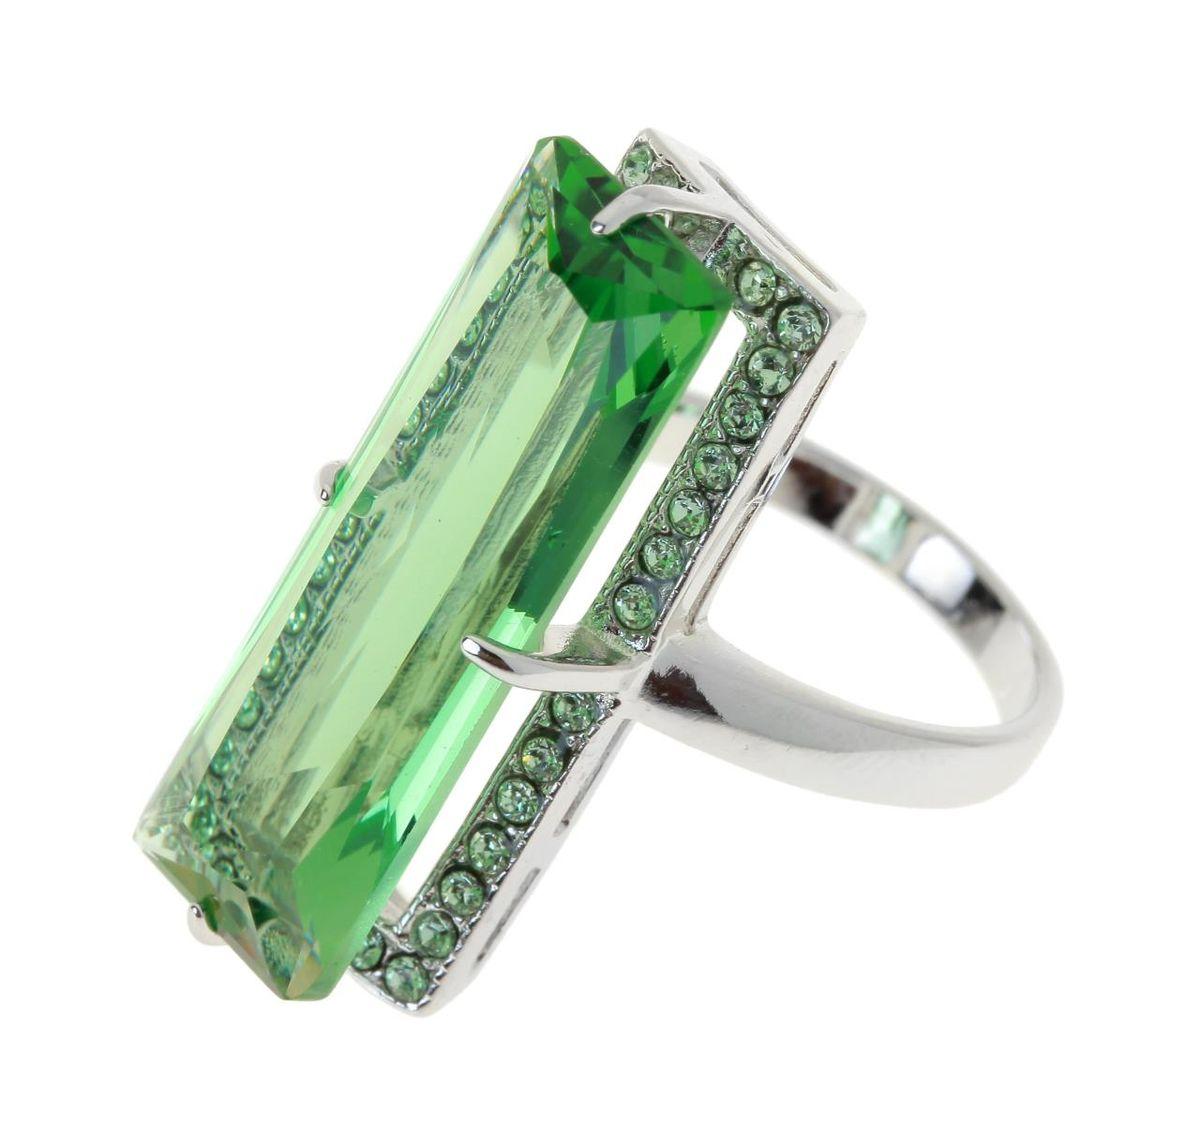 Кольцо Jenavi Коллекция Подиум Креатив, цвет: серебряный, зеленый. h187f030. Размер 18h187f030Коллекция Подиум, Креатив (Кольцо) гипоаллергенный ювелирный сплав,Серебрение c род. , вставка Кристаллы Swarovski , цвет - серебряный, зеленый, размер - 18 избегать взаимодействия с водой и химическими средствами